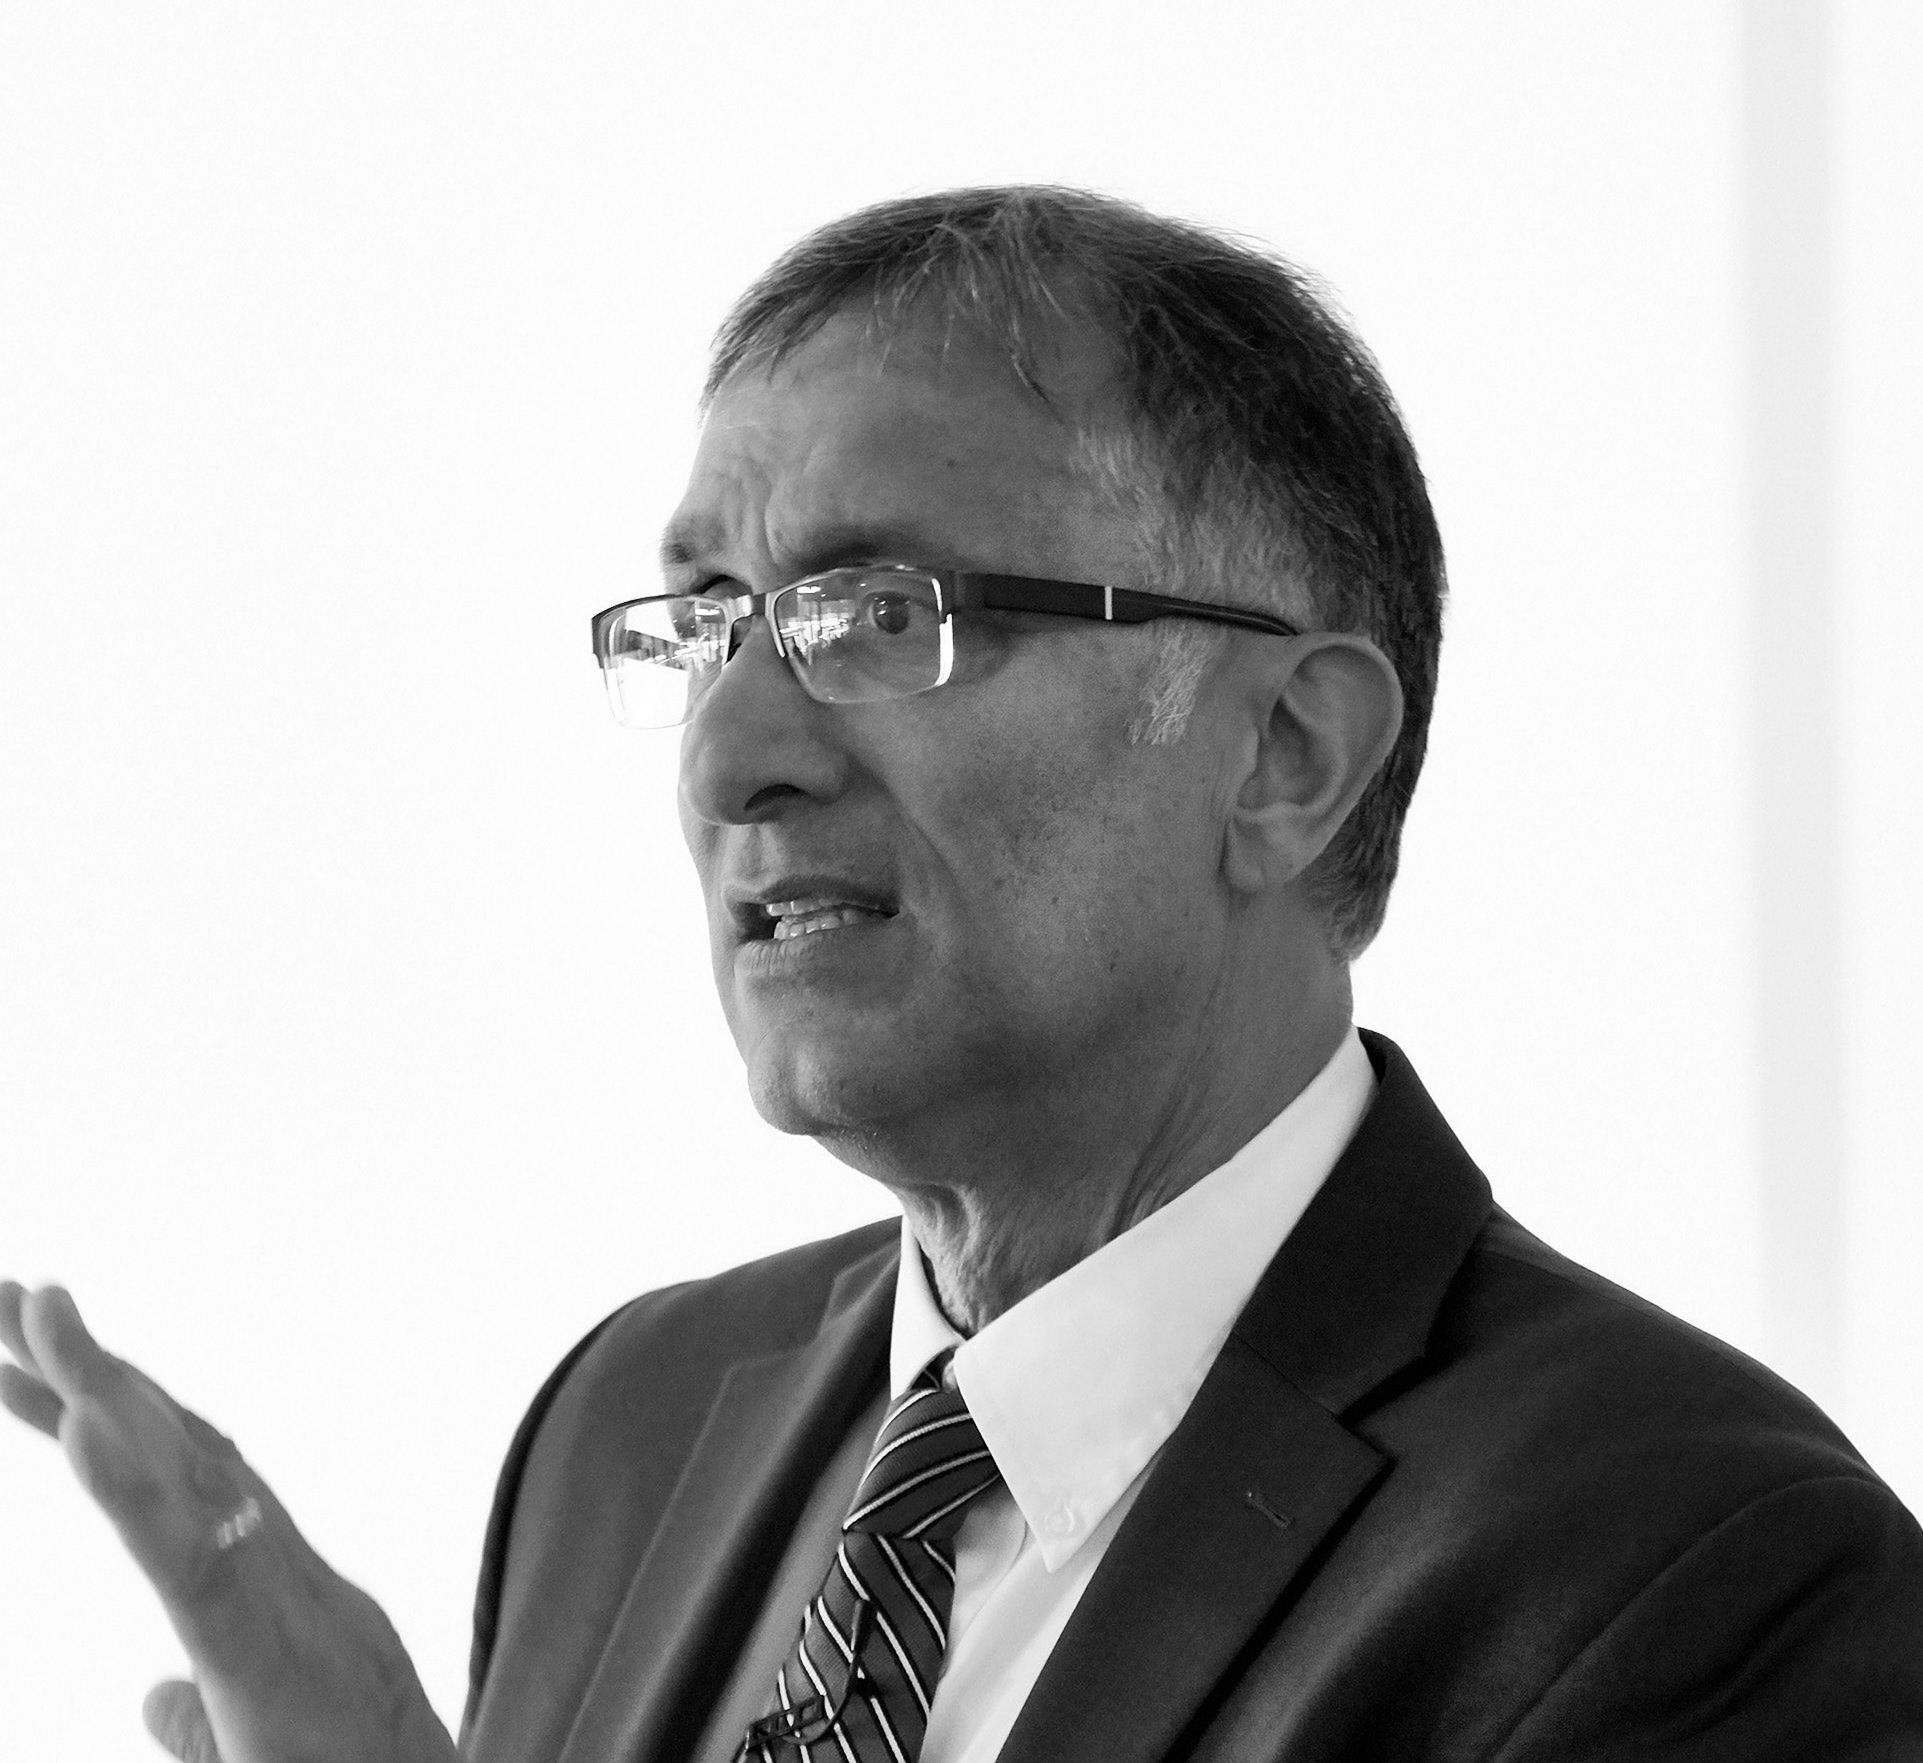 Vince Marazita